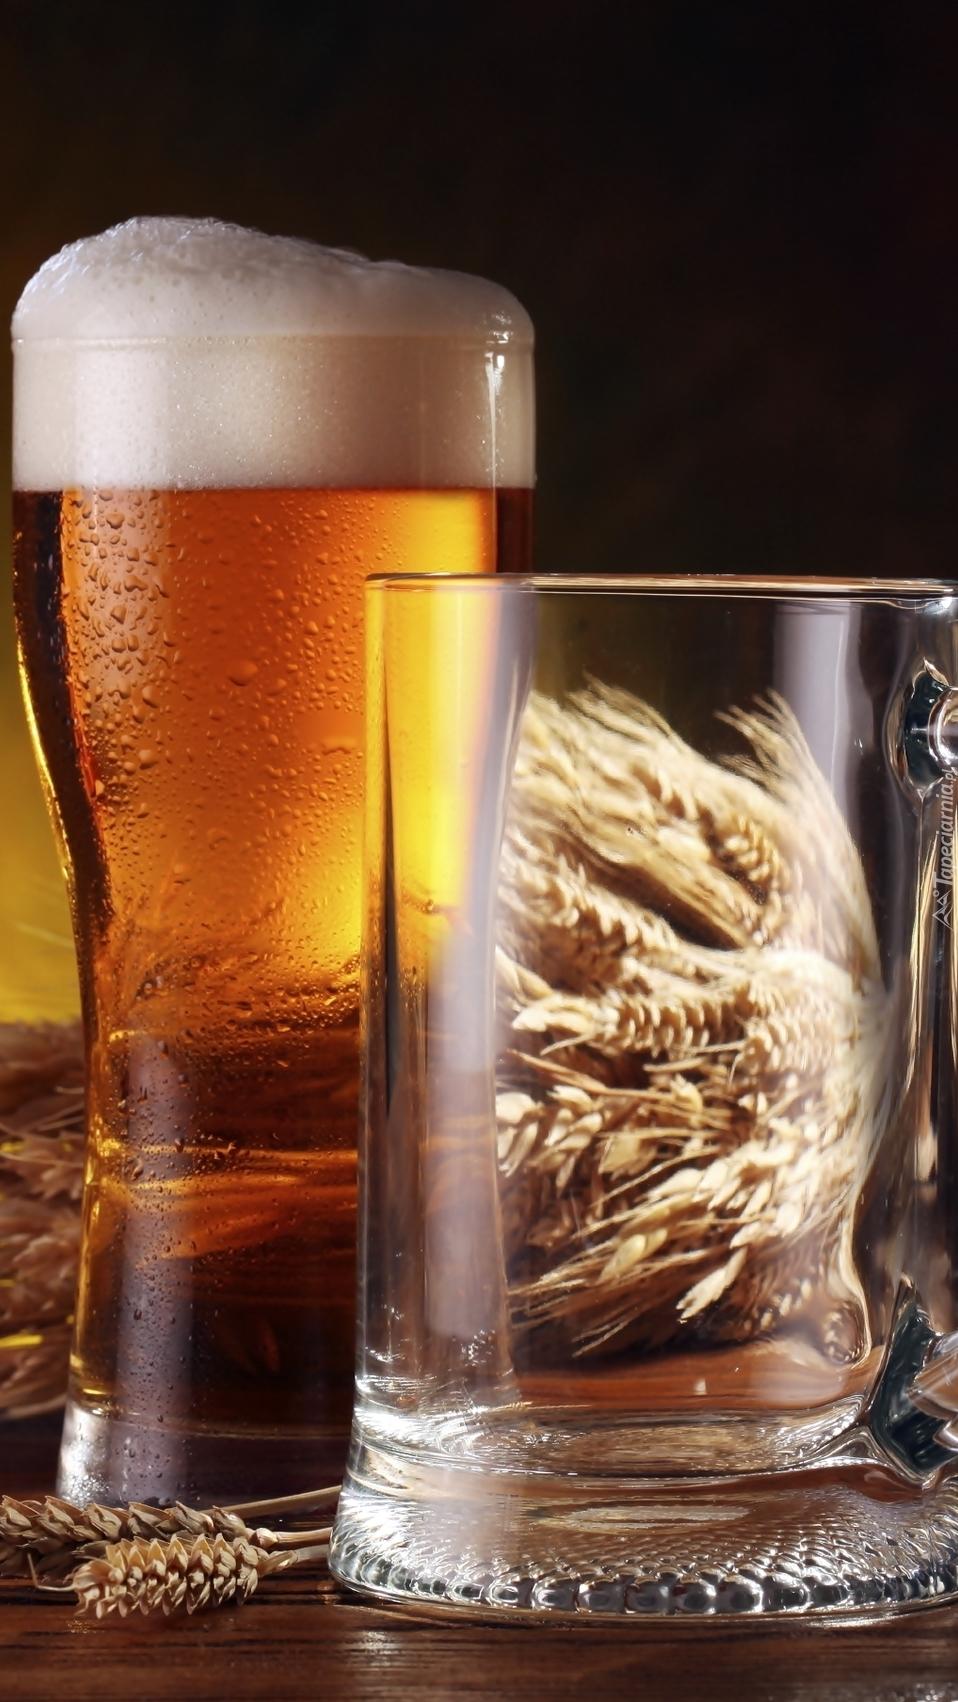 Kłosy obok szklanki z piwem